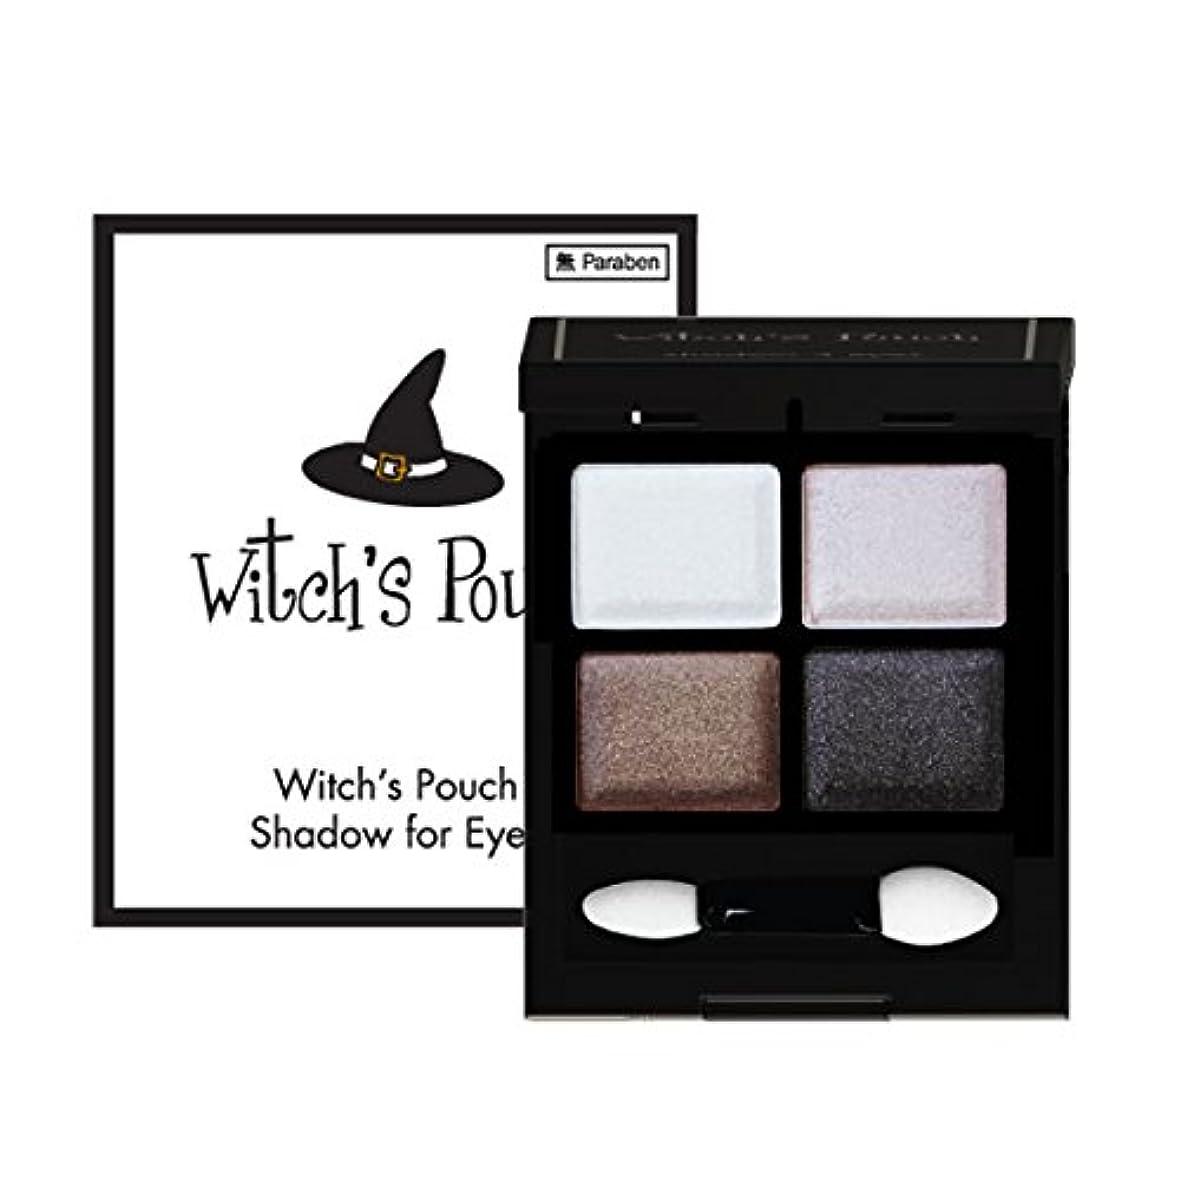 十分な考えたサンダースWitch's Pouch ウィッチズポーチ シャドウフォーアイズ SD5 グラムブラウン